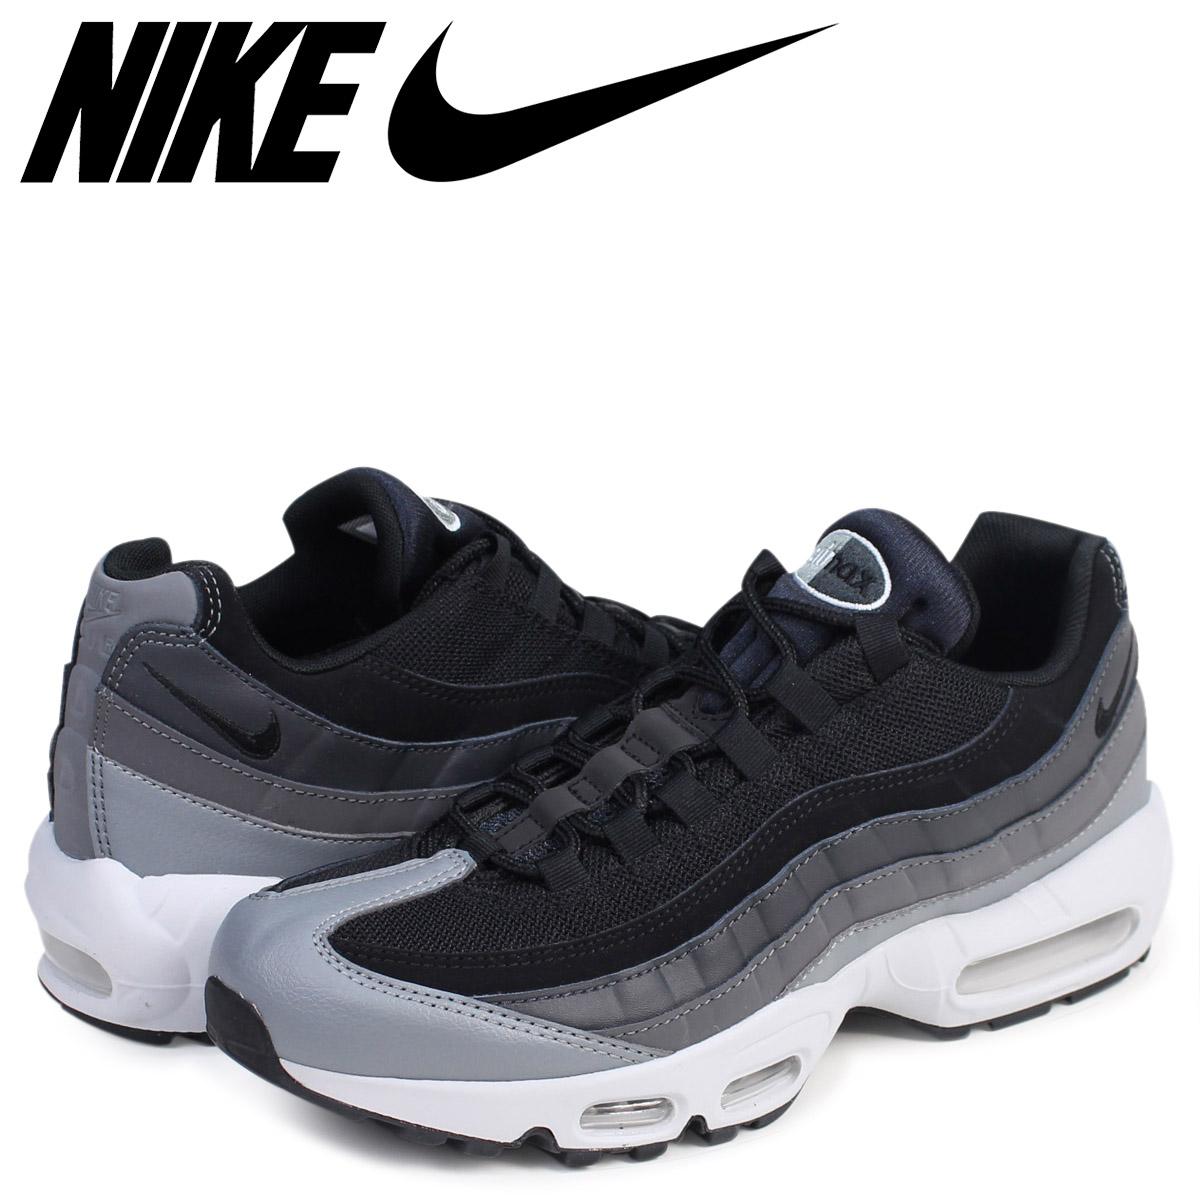 ALLSPORTS  NIKE Kie Ney AMAX 95 essential sneakers AIR MAX 95 ESSENTIAL  749 5b6bf0b4b